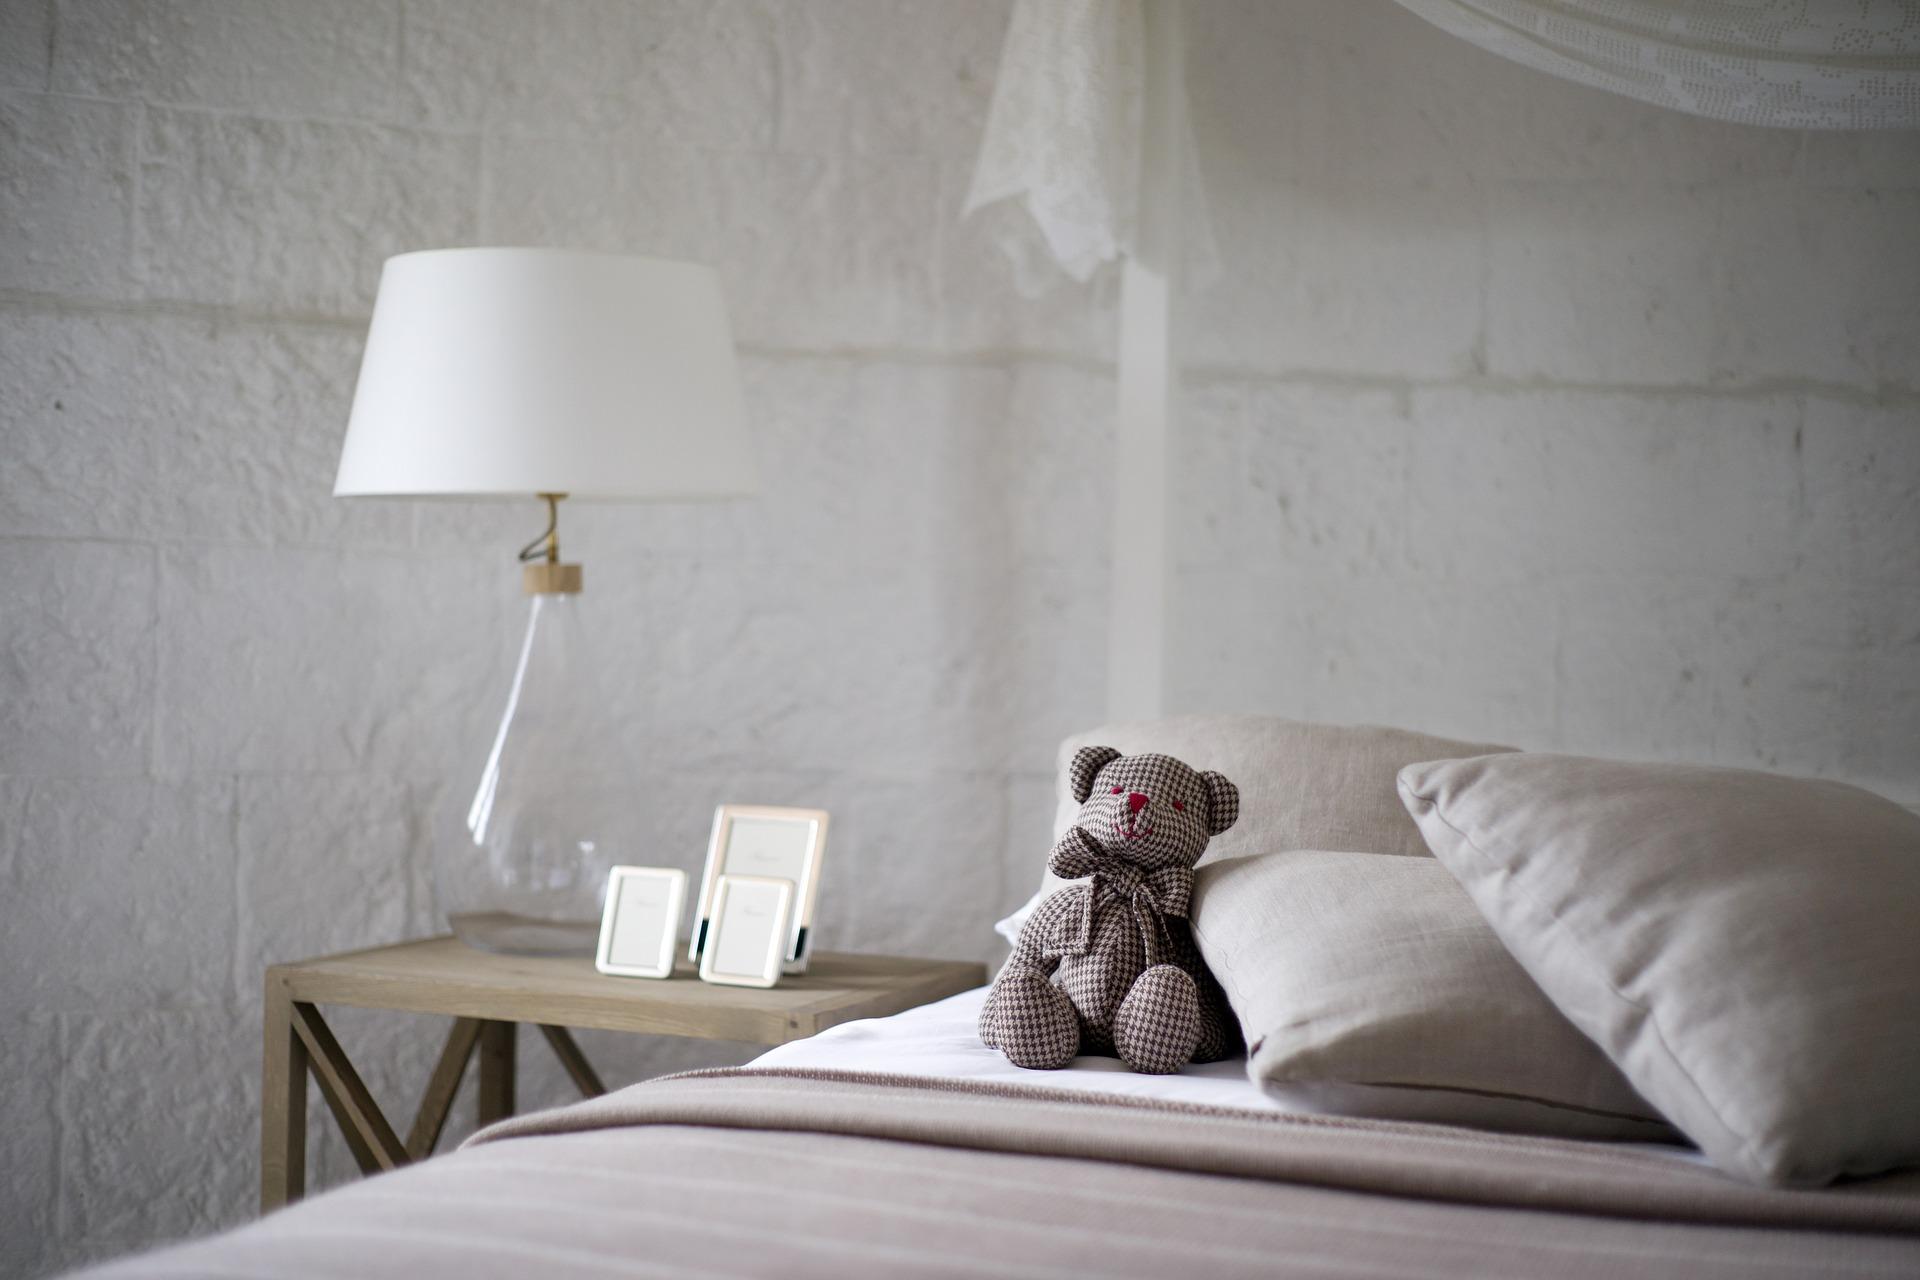 Das Schlafzimmer Ist In Erster Linie Ein Funktioneller Bereich Der Wohnung,  Der Zur Erholung Bzw. Zum Schlafen Dient. Dazu Benötigt Man Ein Geeignetes  Bett.